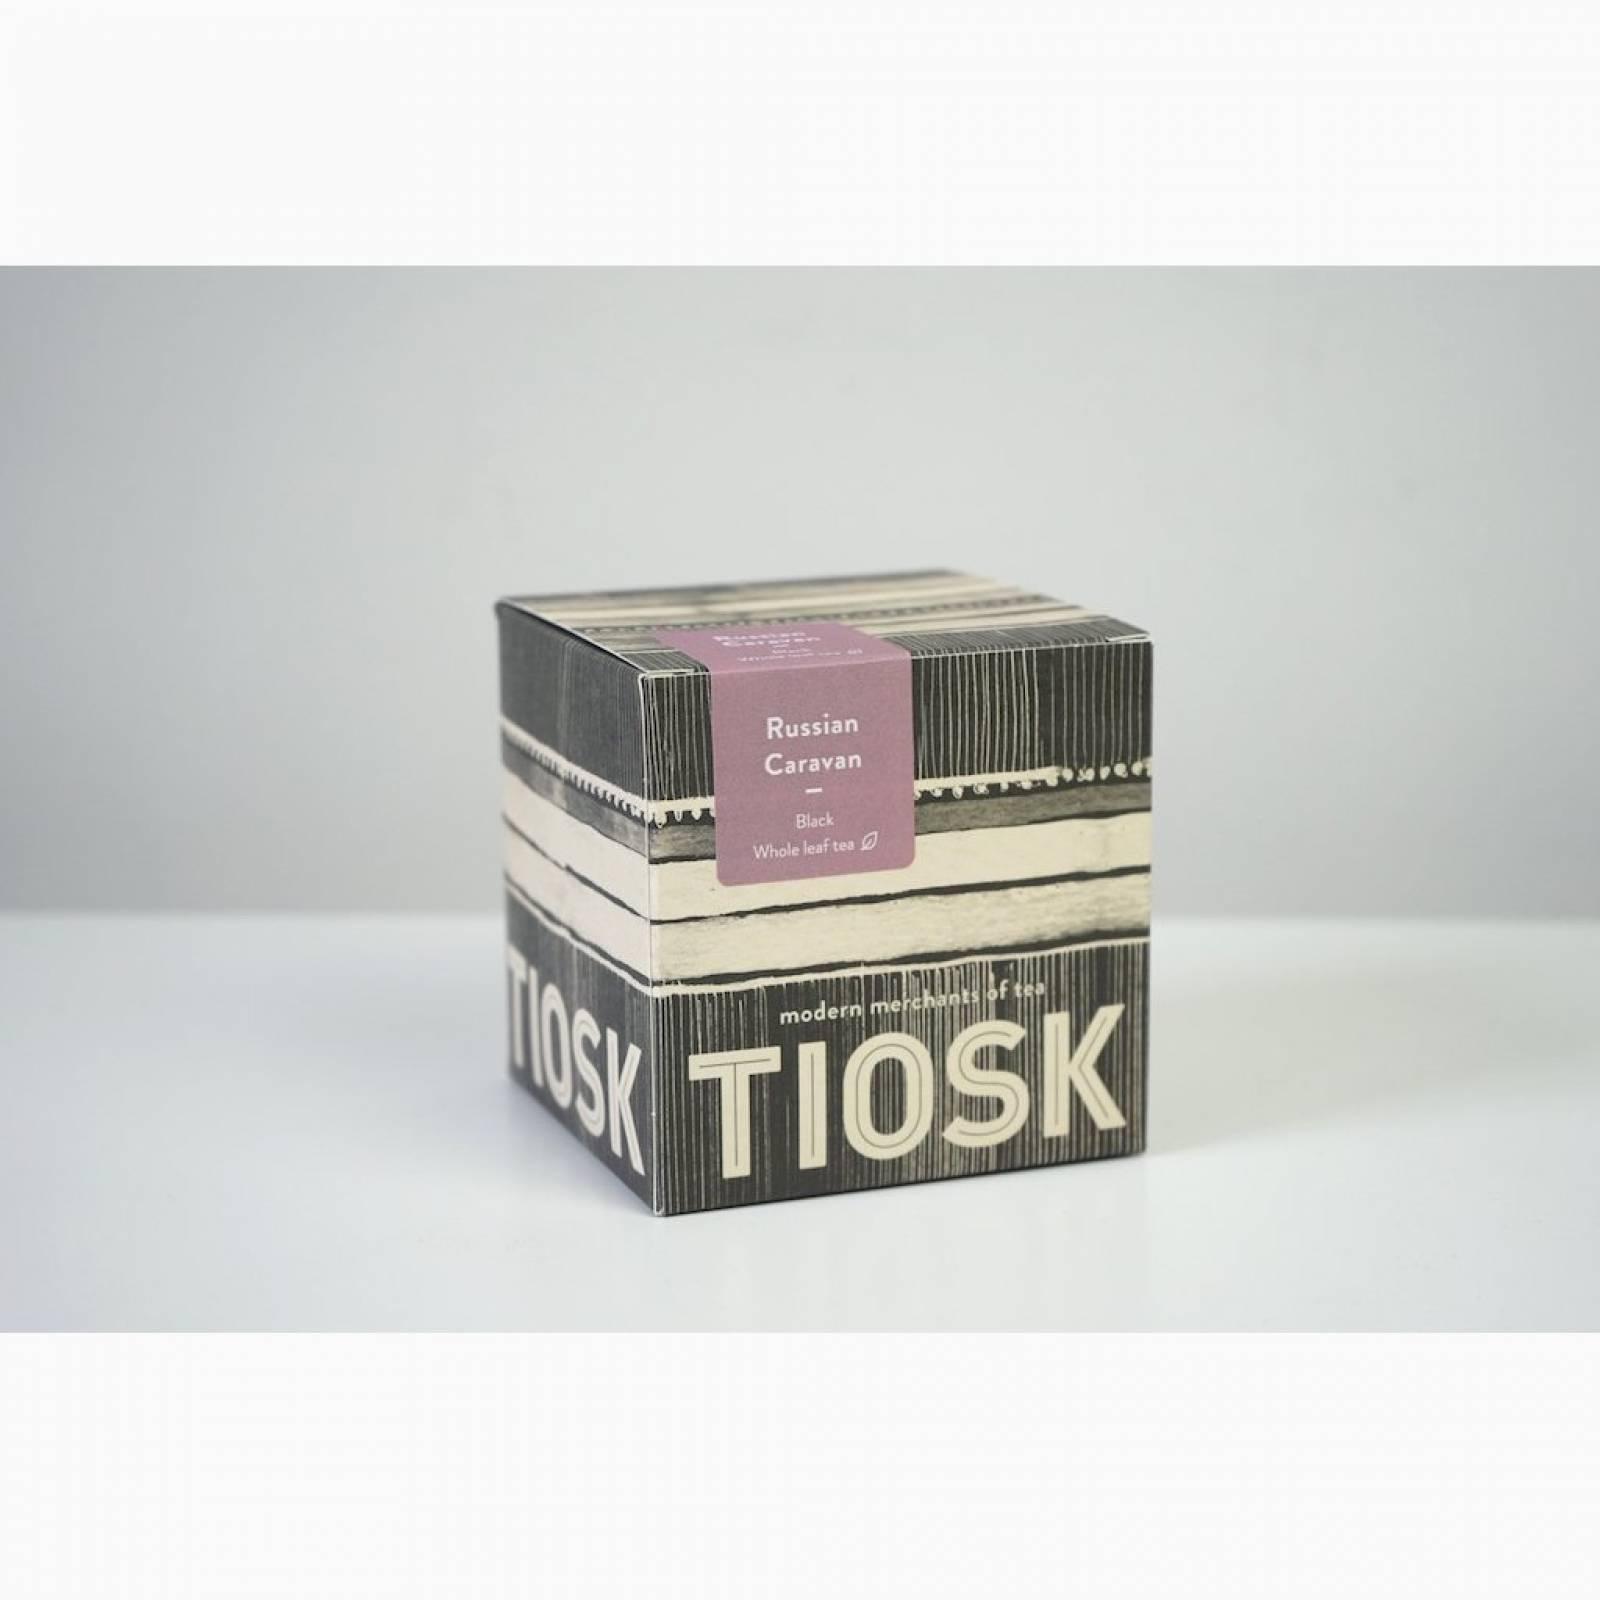 Tiosk Russian Caravan Loose Leaf Black Tea 100g